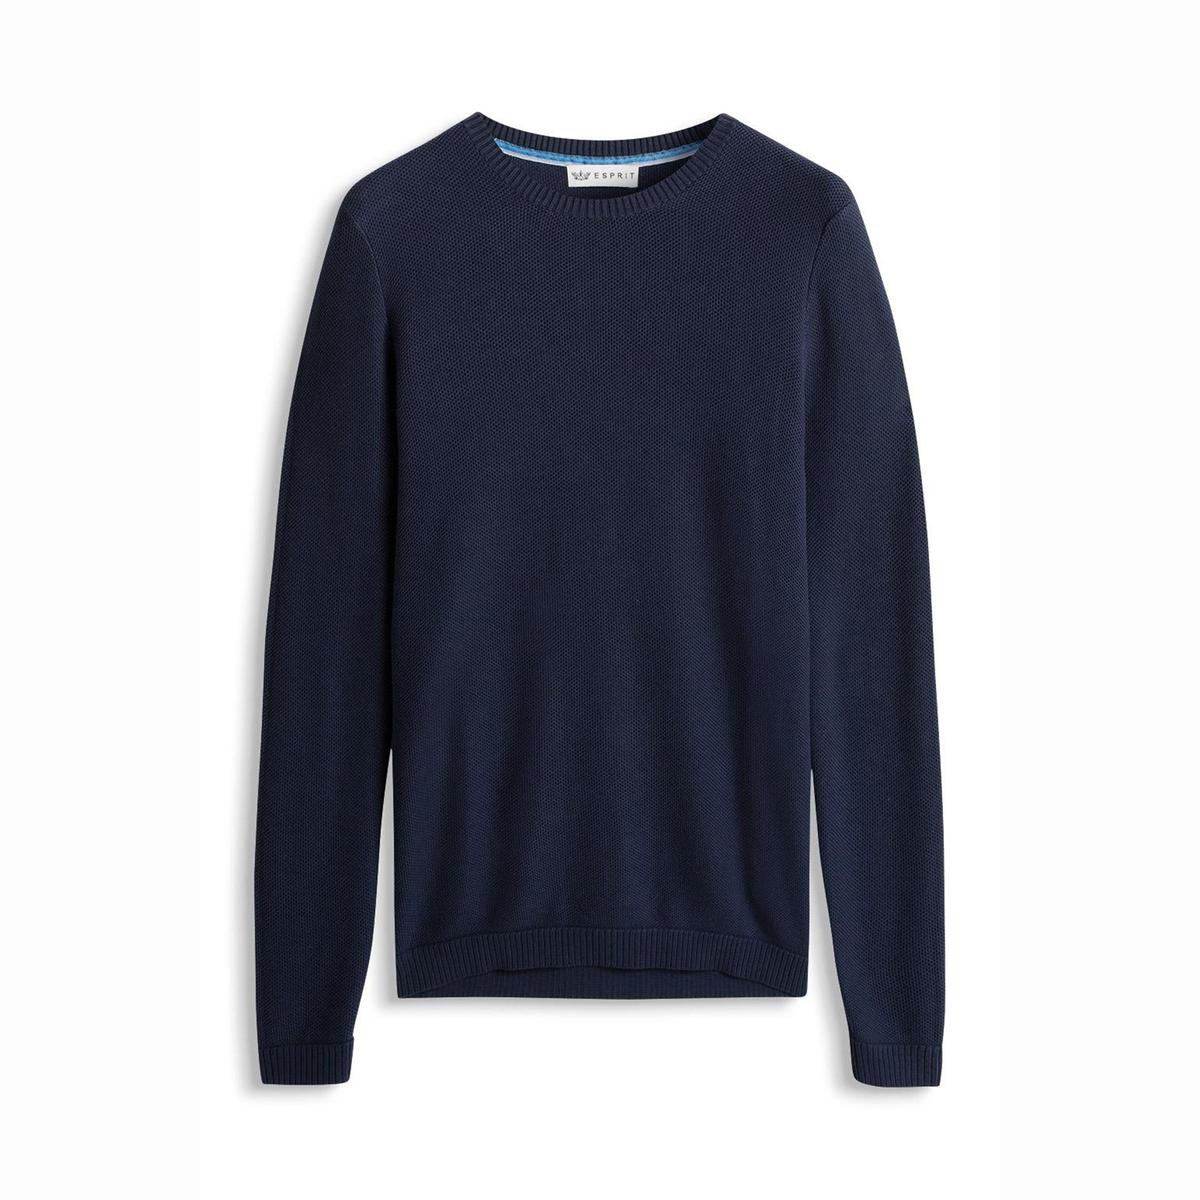 Пуловер из тонкого трикотажаПуловер из тонкого трикотажа - ESPRIT. Прямой покрой, круглый вырез. Отделка низа и манжет трикотажной резинкой.  Состав и описаниеМатериал: 100% хлопка.Марка: ESPRIT.<br><br>Цвет: темно-синий<br>Размер: XXL